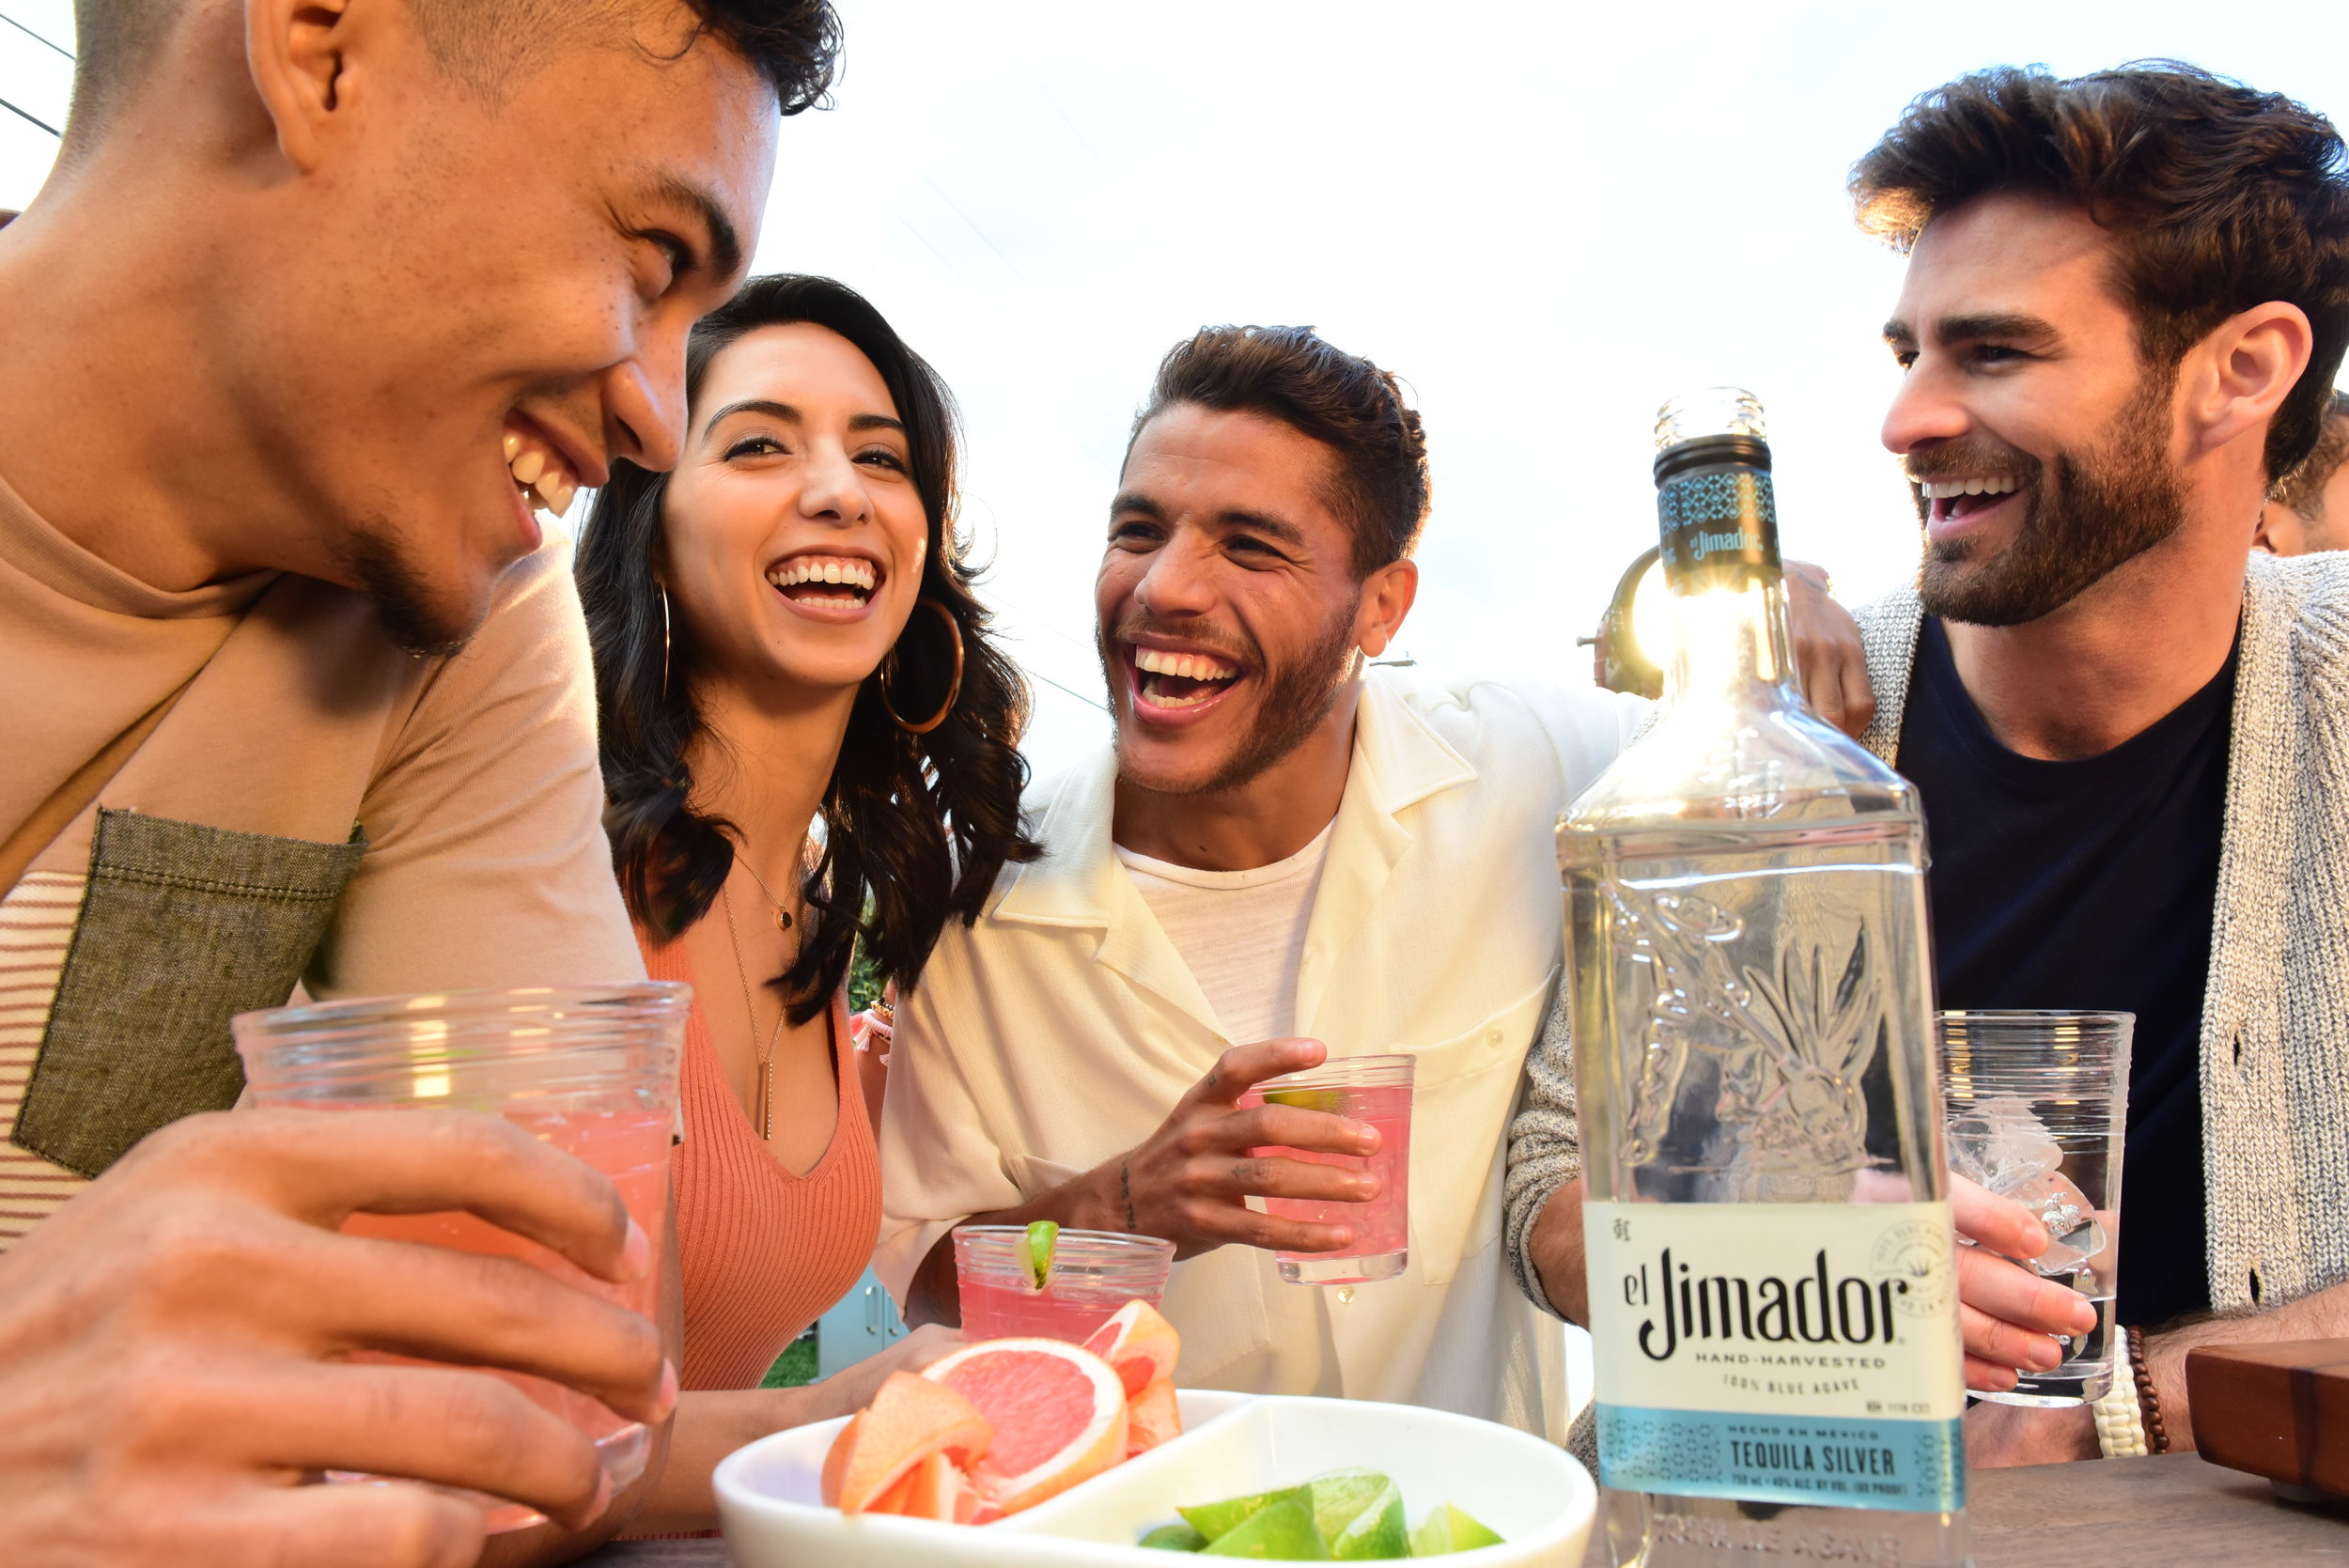 """PHOTO #2 - PICTURE: """"La receta perfecta""""Distribution: Instagram - @jona2santosCaption: """"Así preparo una paloma, refresco de toronja, limón, sal y el mejor tequila #Ad el Jimador Tequila 21+""""Release date: July 3rd, 2019"""